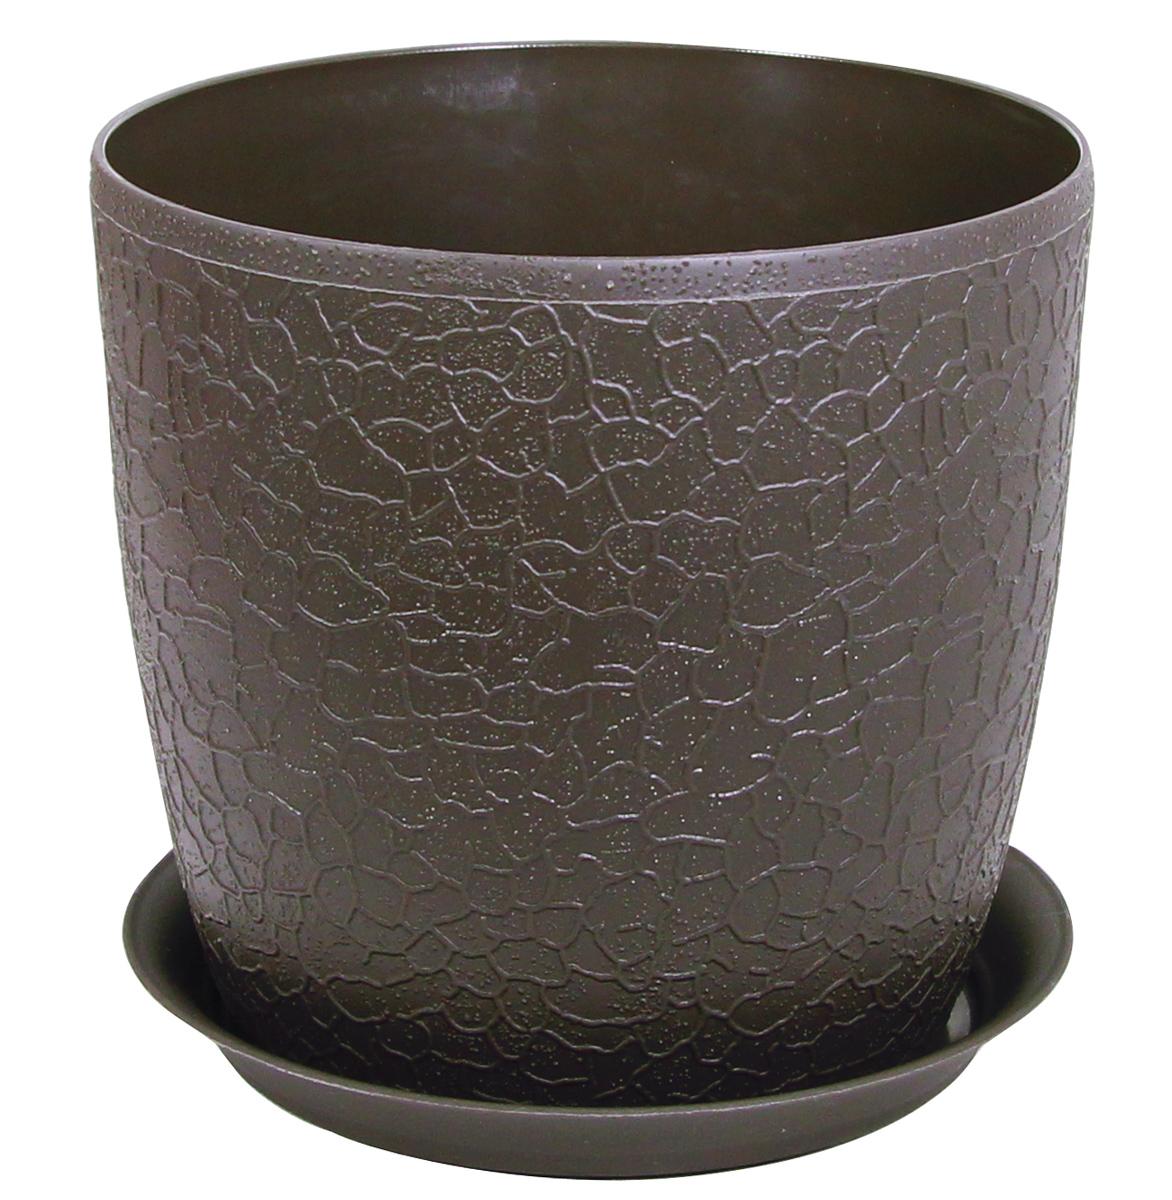 Кашпо Idea Верона, с подставкой, цвет: коричневый, диаметр 18 см531-105Кашпо Idea Верона изготовлено из полипропилена (пластика). Специальная подставка предназначена для стока воды. Изделие прекрасно подходит для выращивания растений и цветов в домашних условиях.Диаметр кашпо: 18 см.Высота кашпо: 16,1 см.